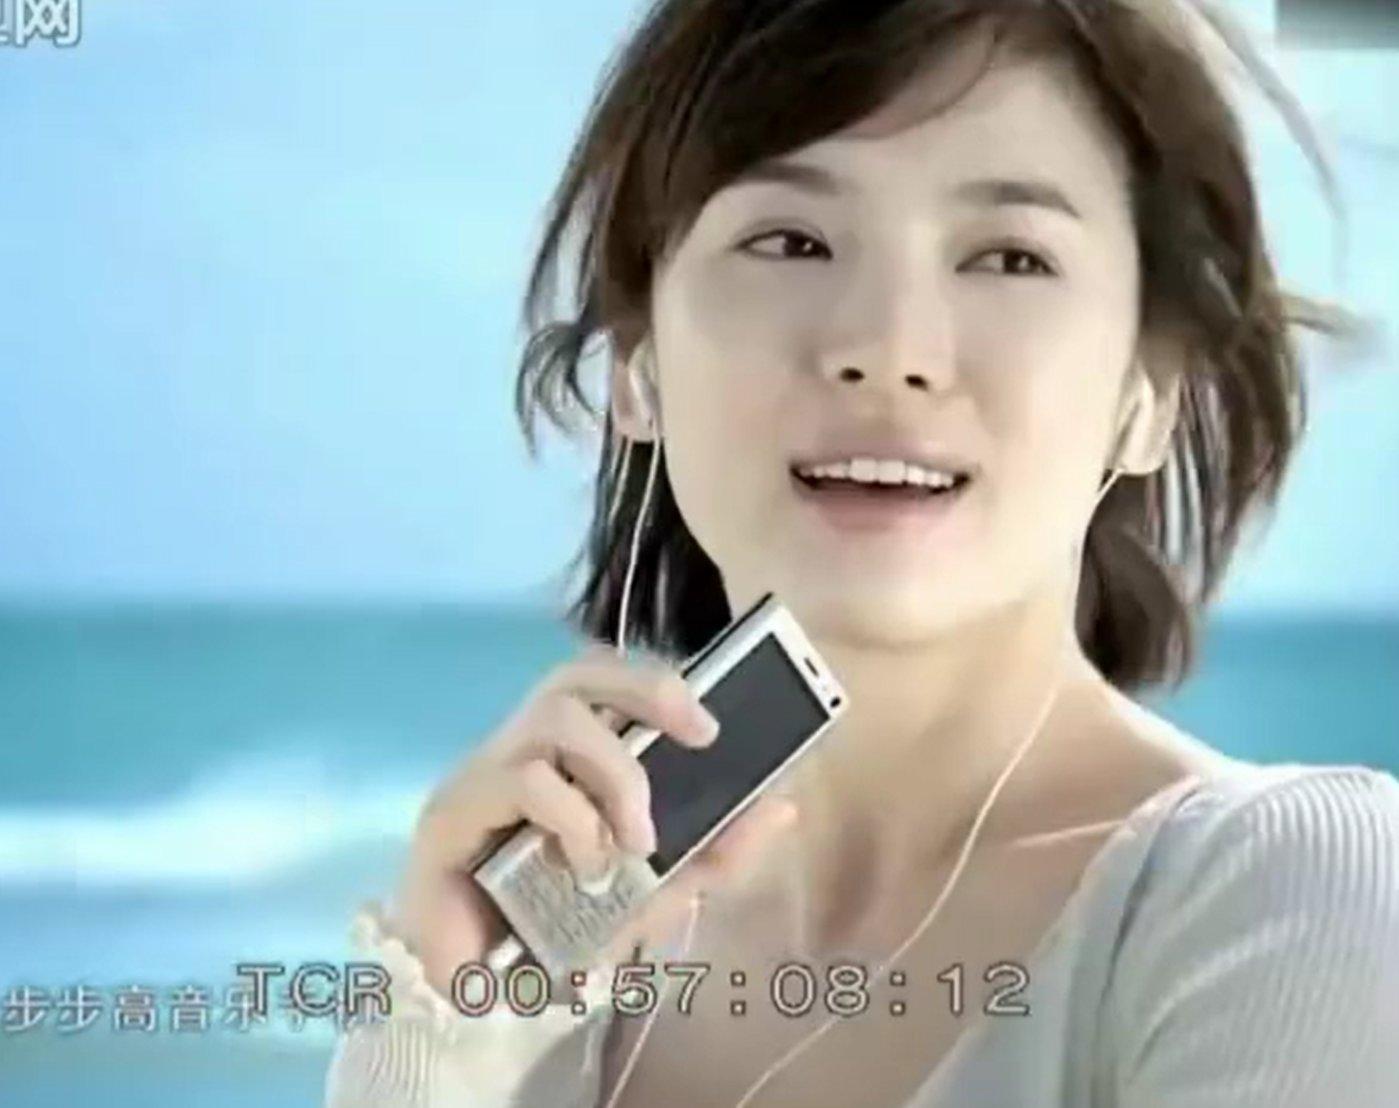 步步高音乐手机X宋慧乔